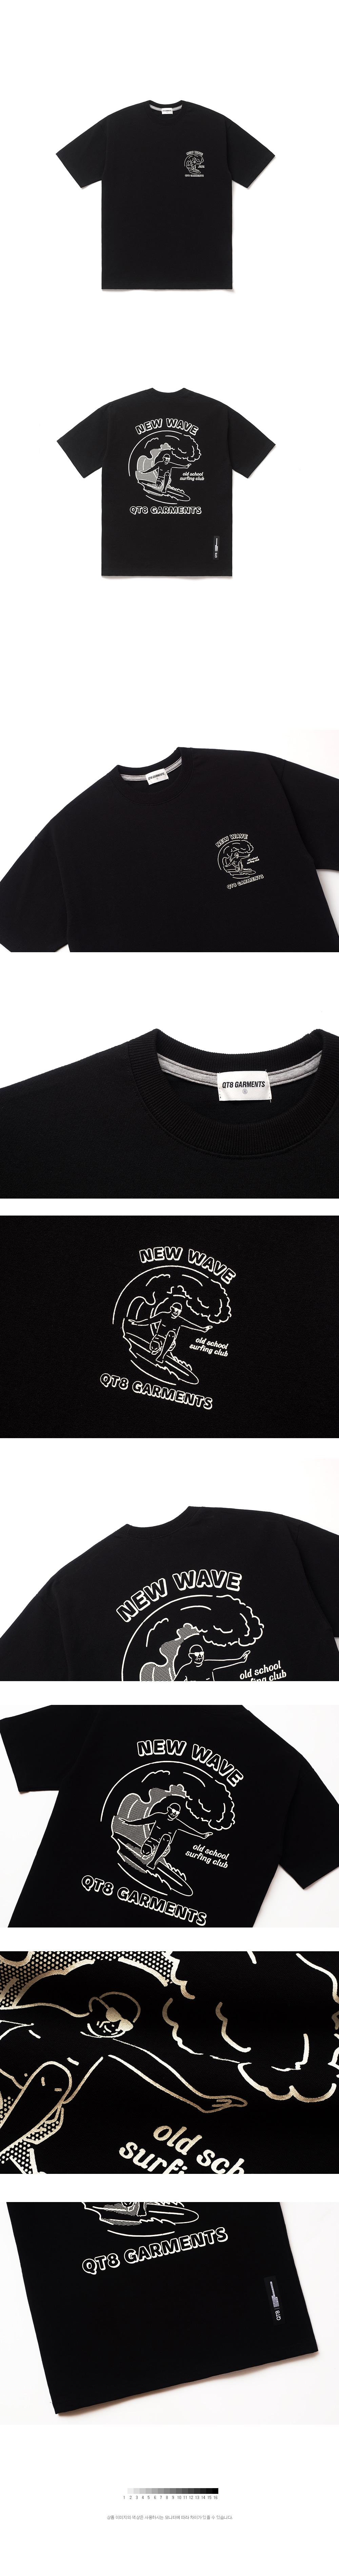 큐티에잇(QT8) KP Grand Surfer Tee (Black)